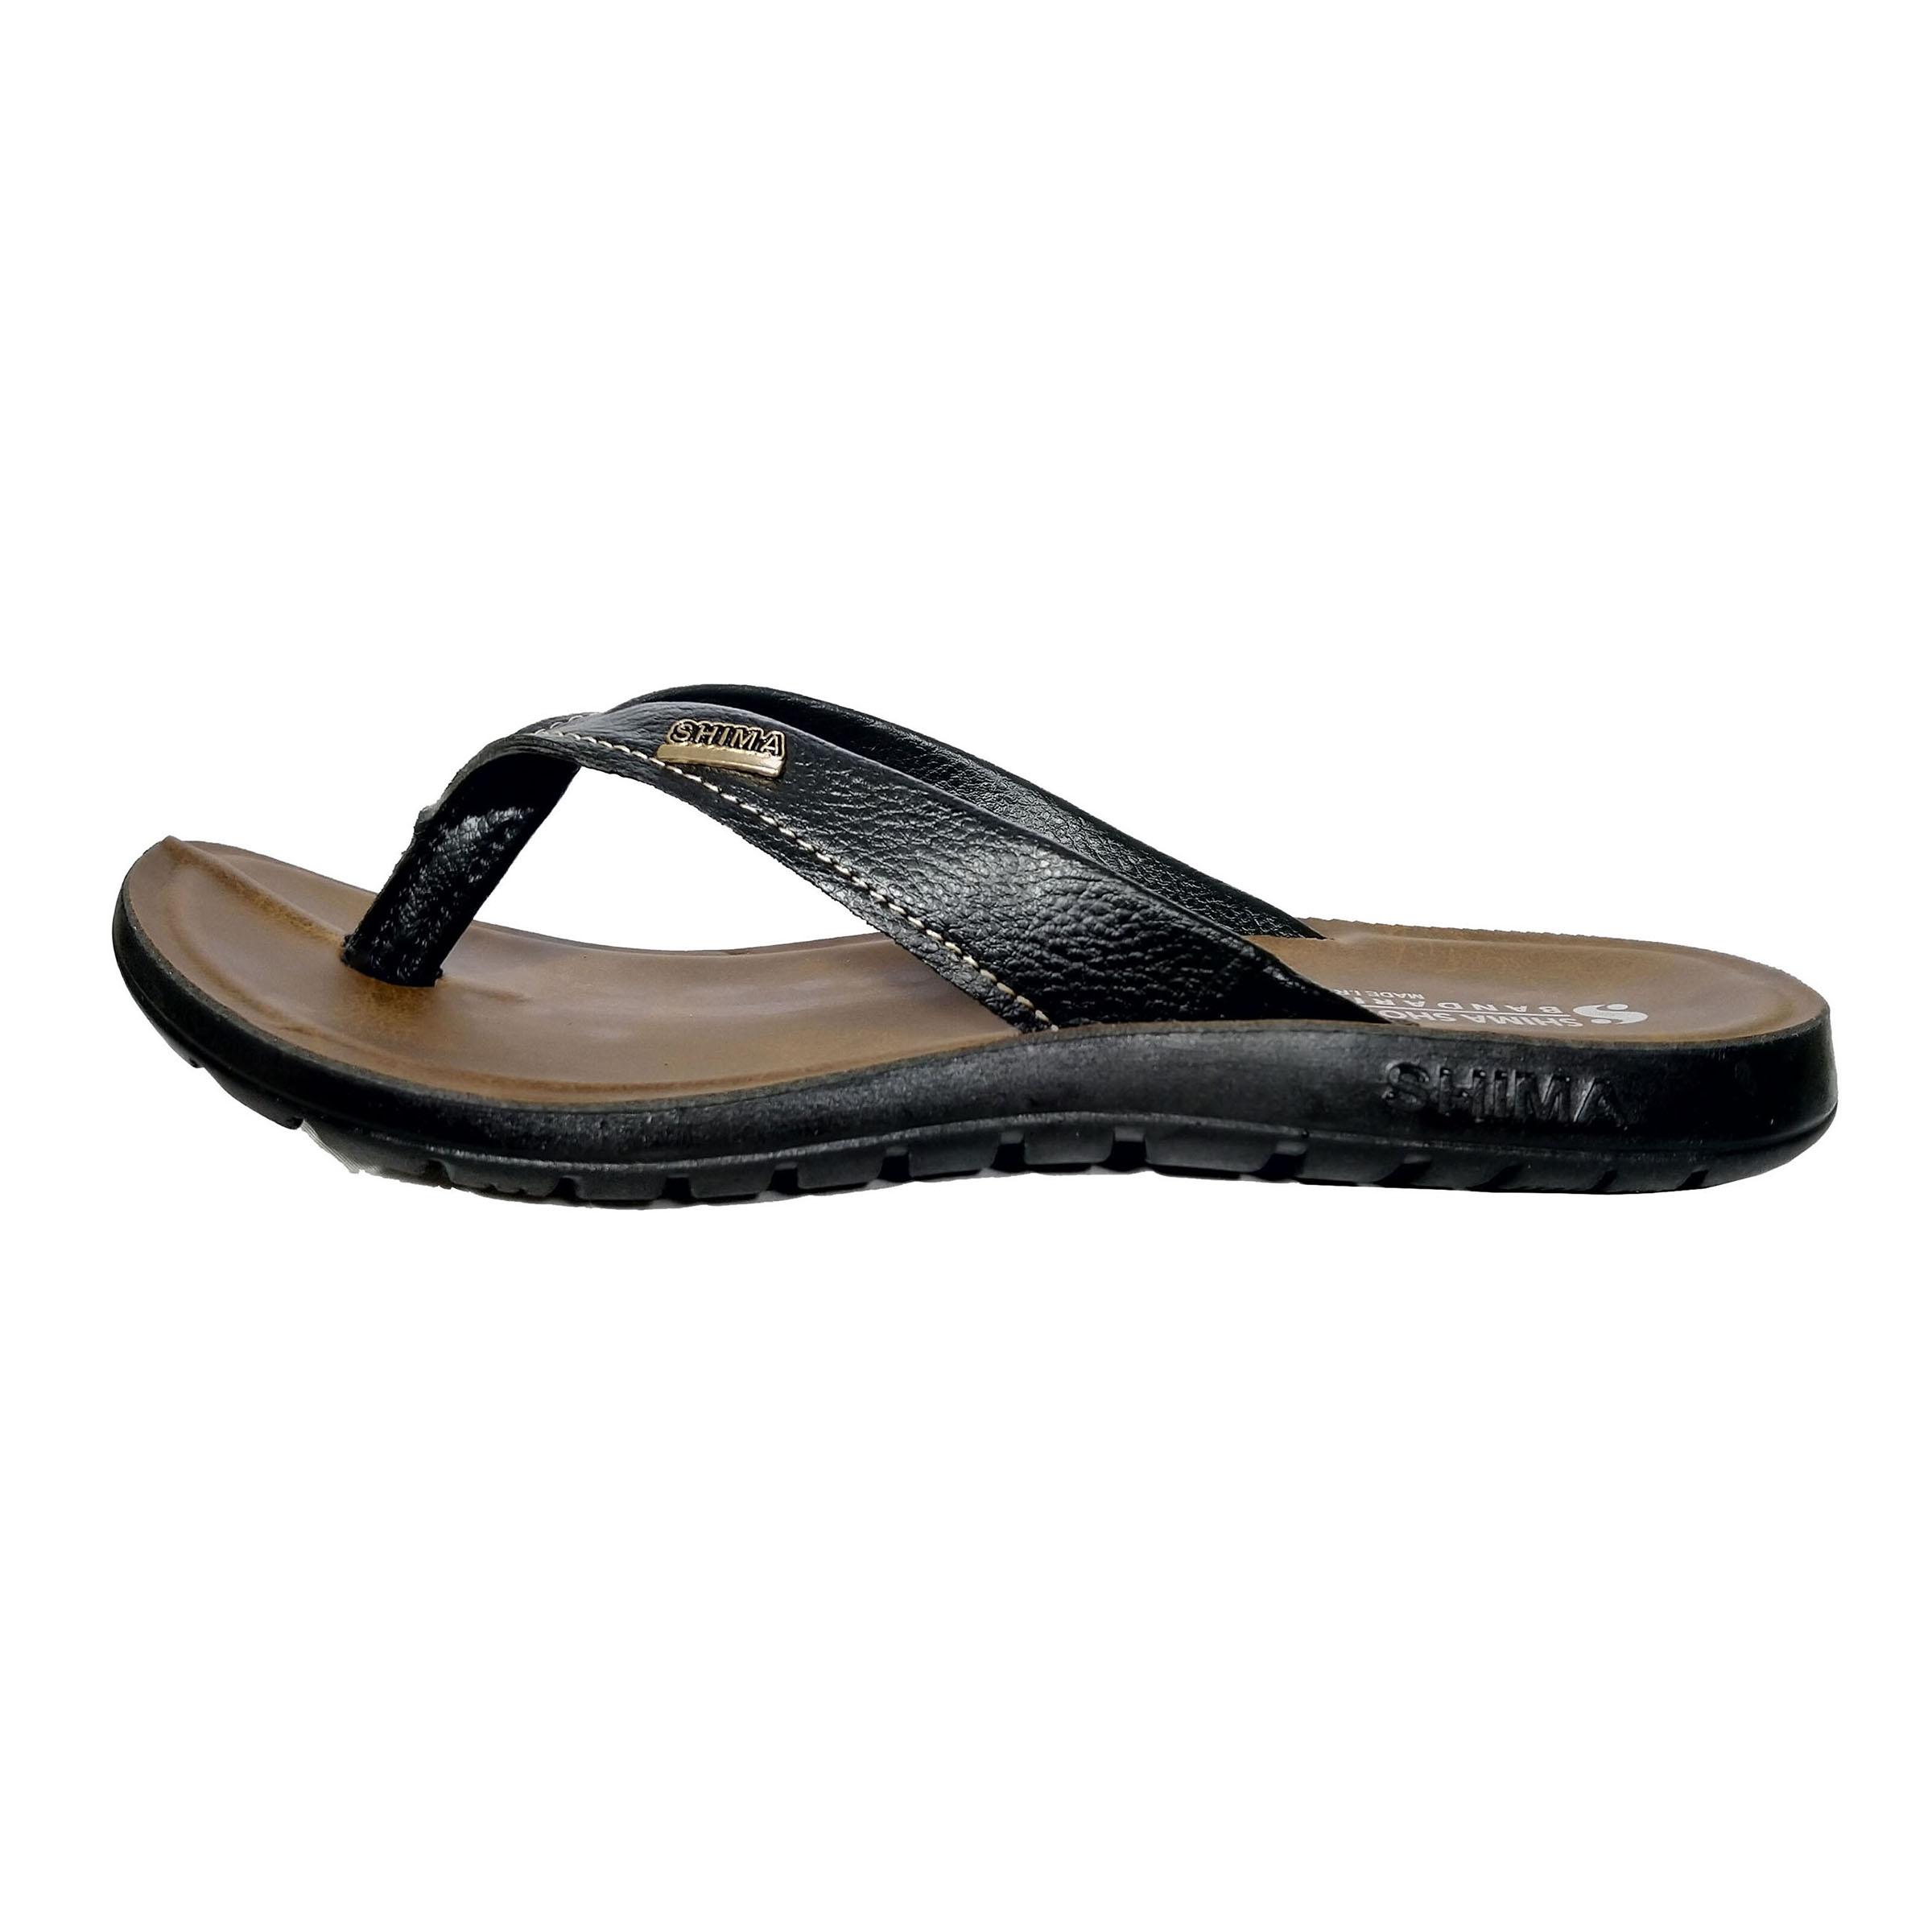 دمپایی لاانگشتی  مردانه کفش  شیما مدل بندری کد sh-banmes03